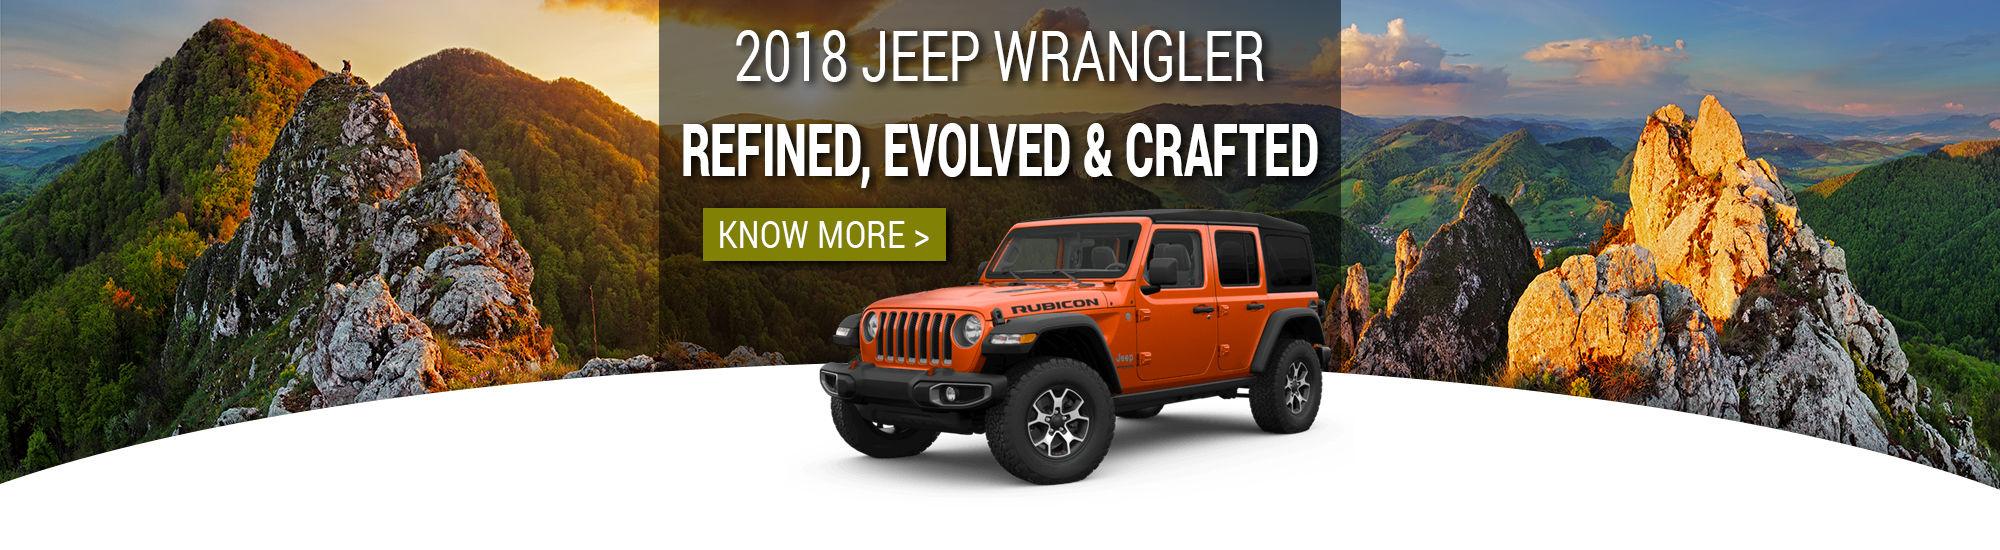 2018 WRANGLER